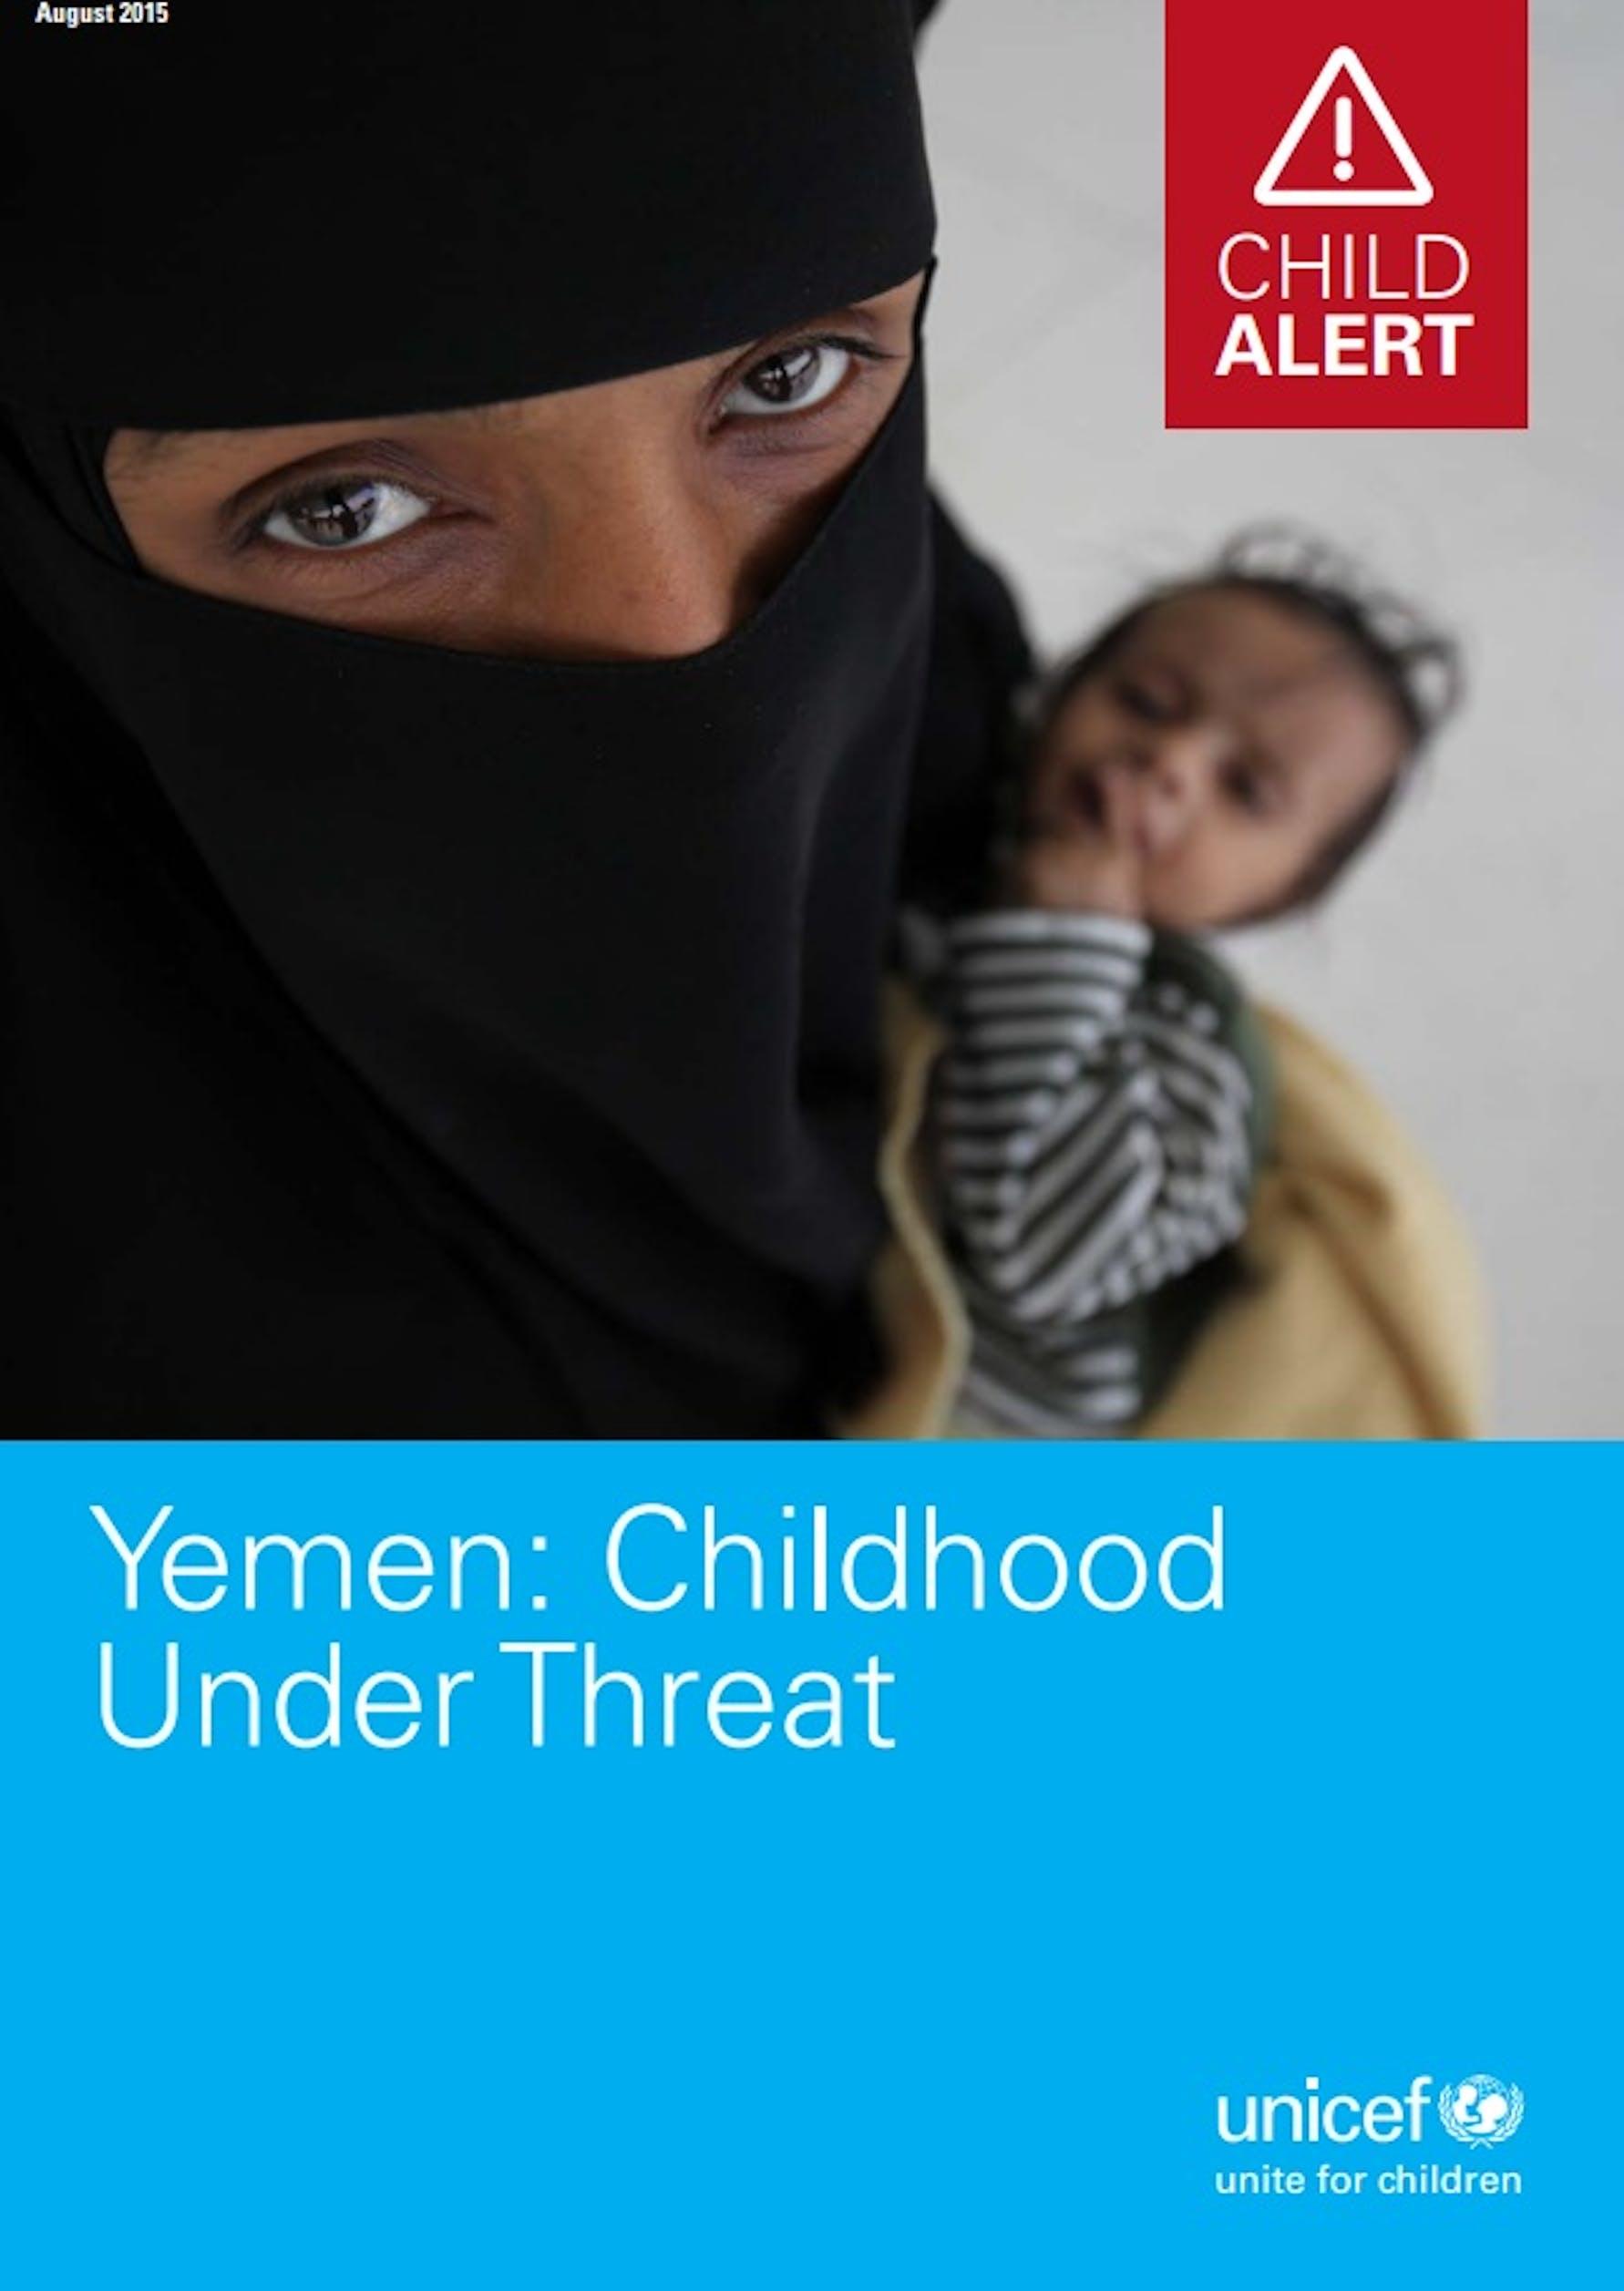 Yemen: Childhood Under Threat